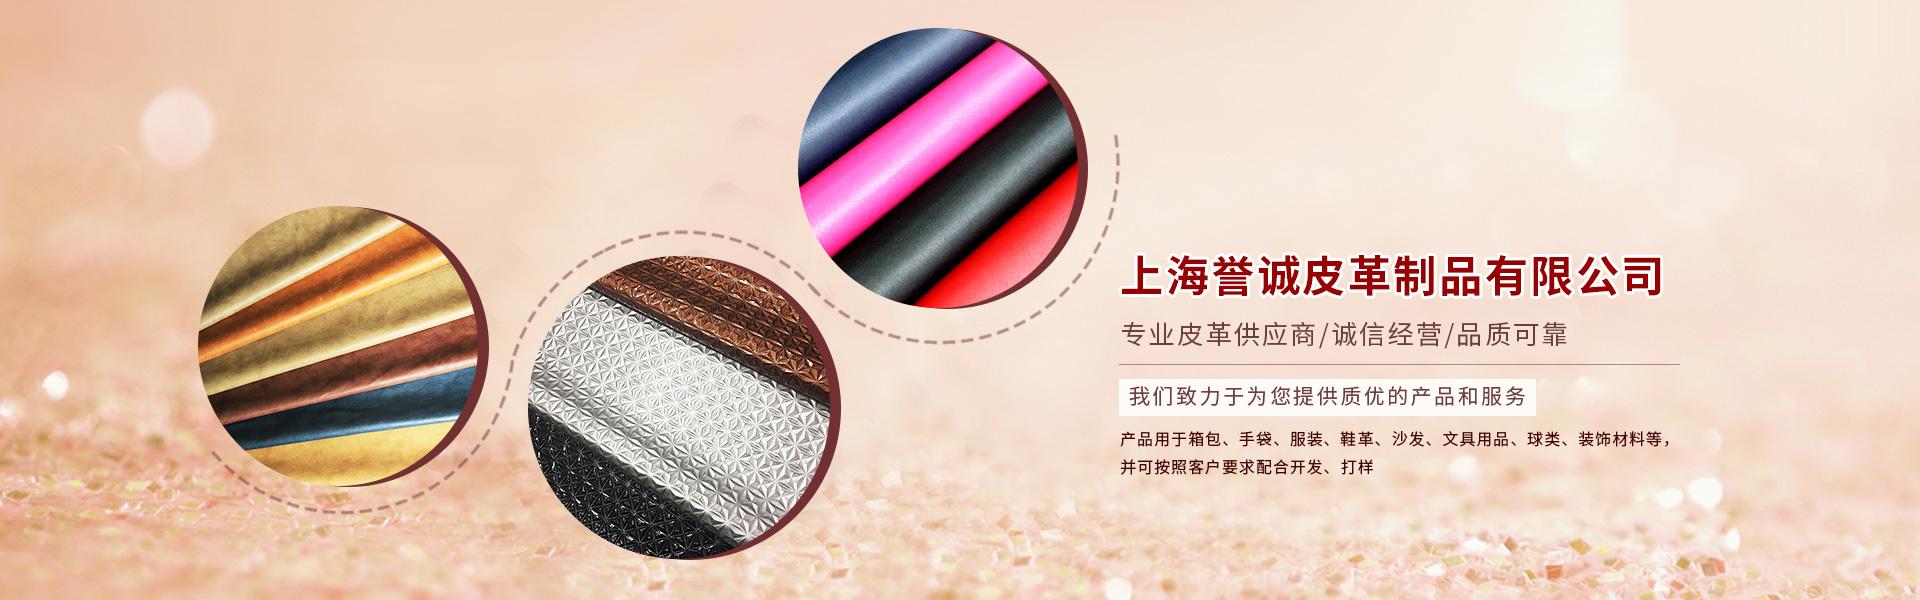 上海包装革厂家